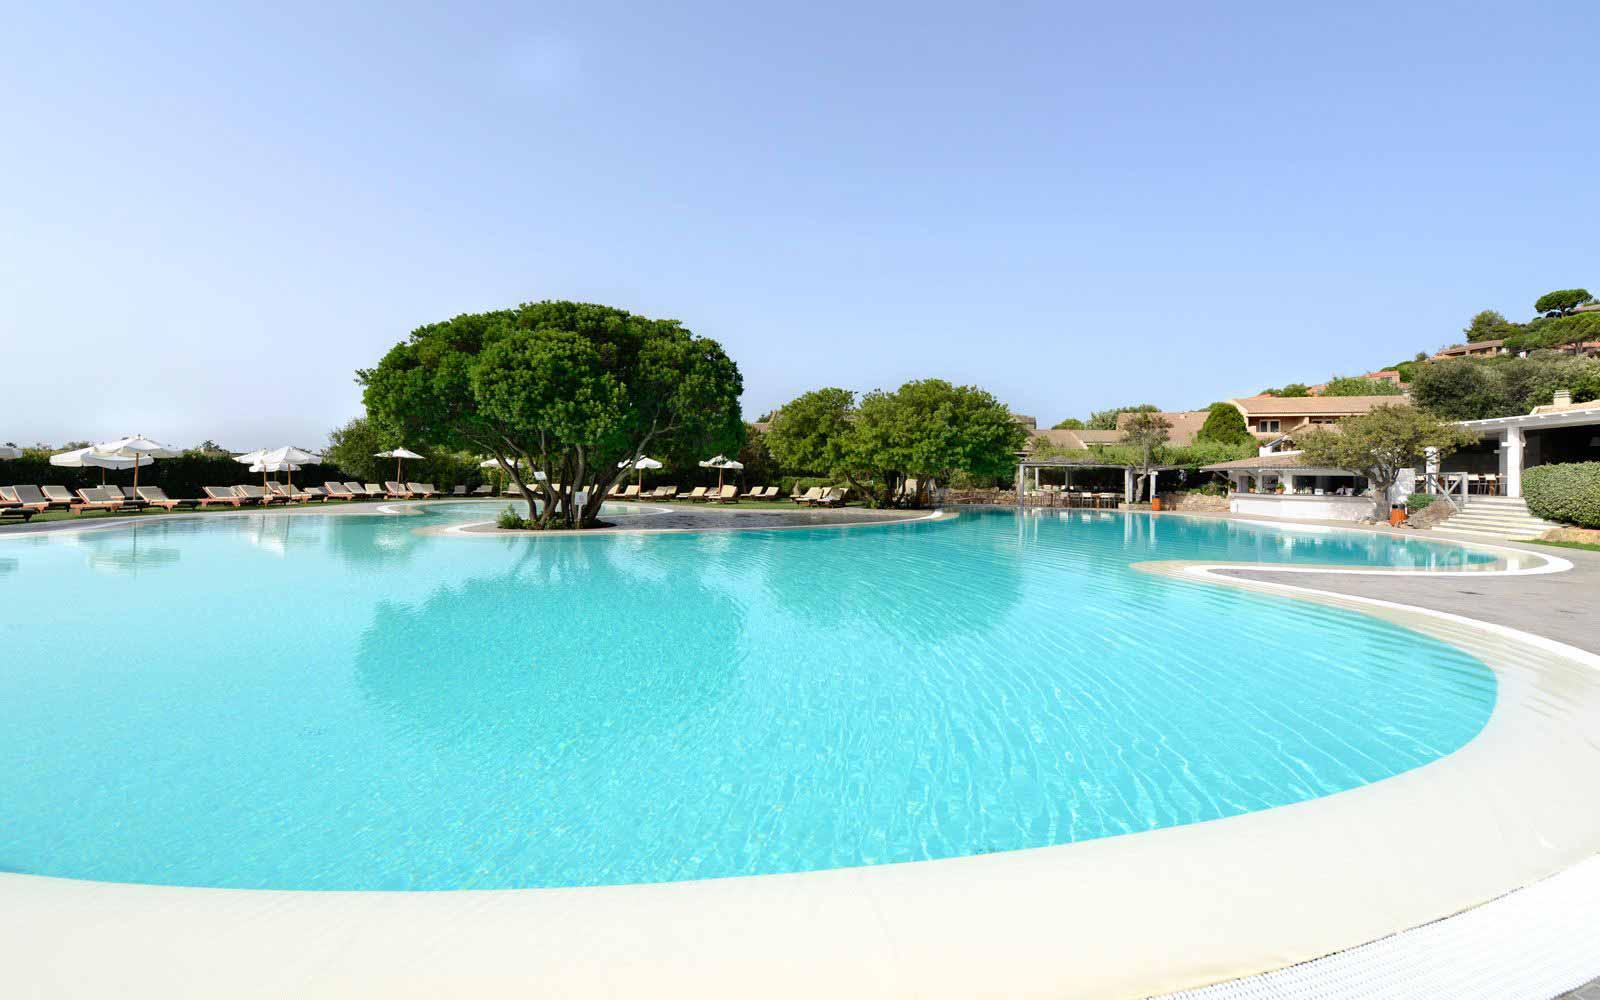 Swimming pool at Chia Village